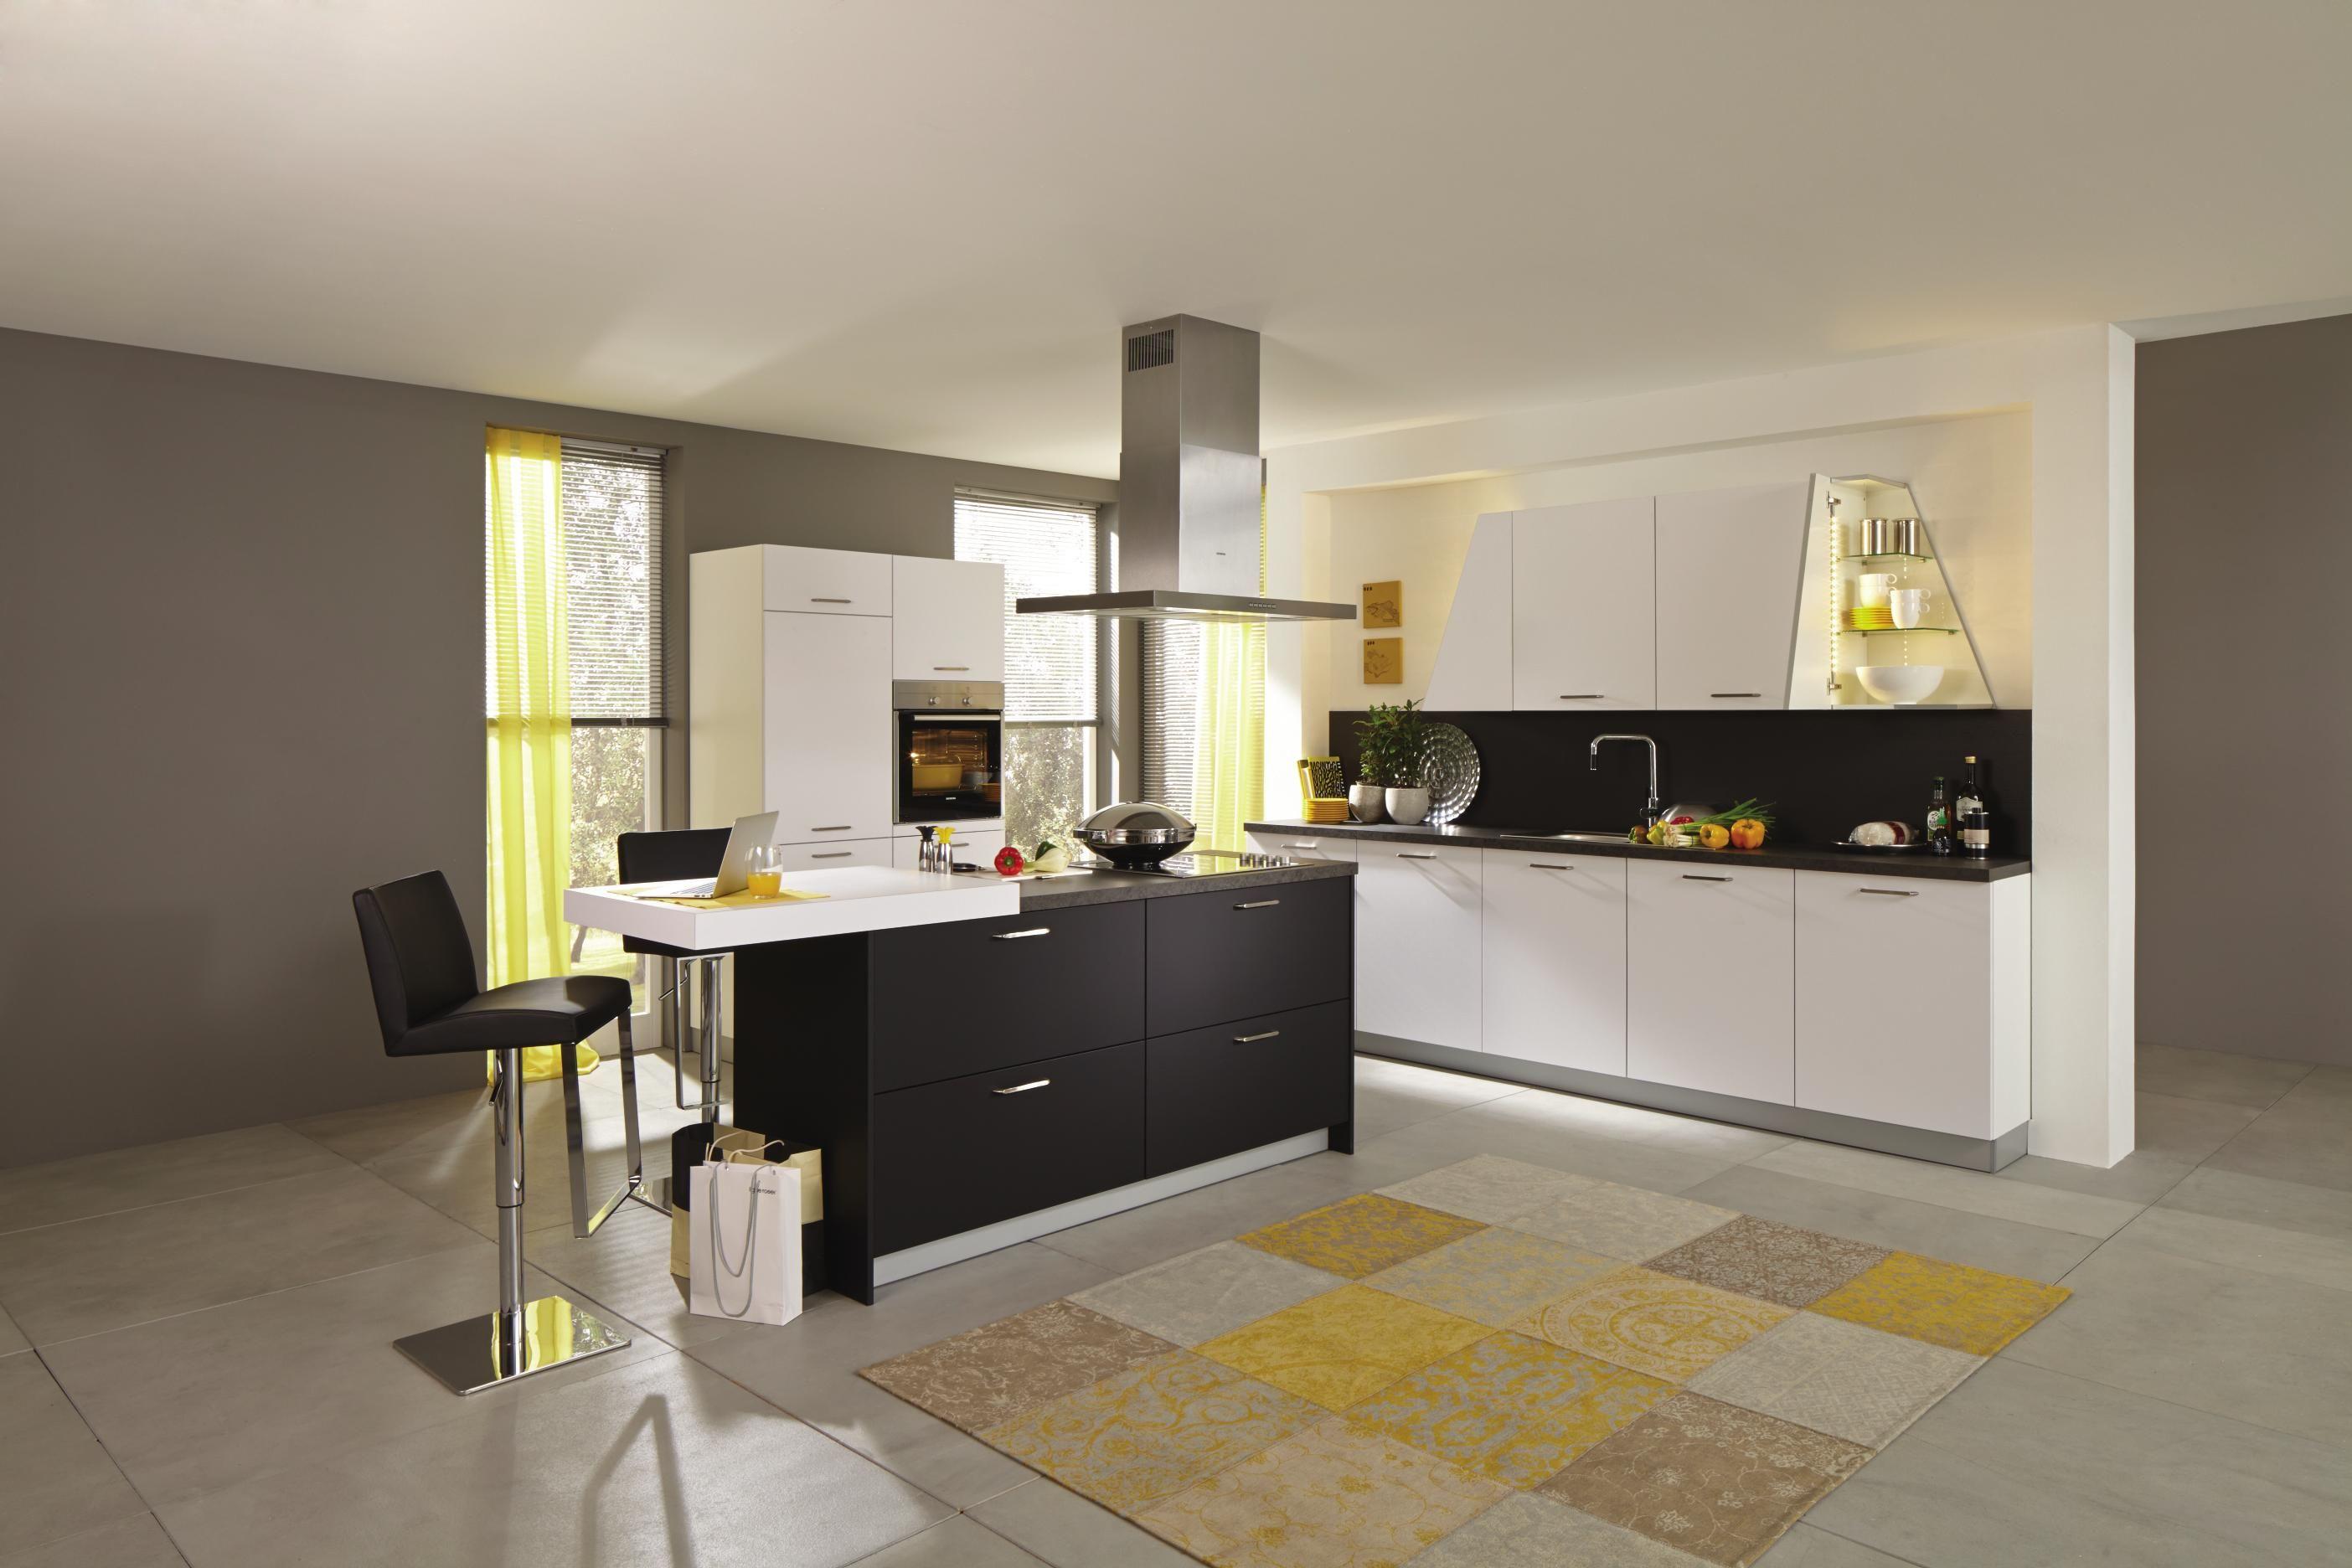 Moderne EINBAUKÜCHE von ALNO Einbauküche, Küche, Alno küchen